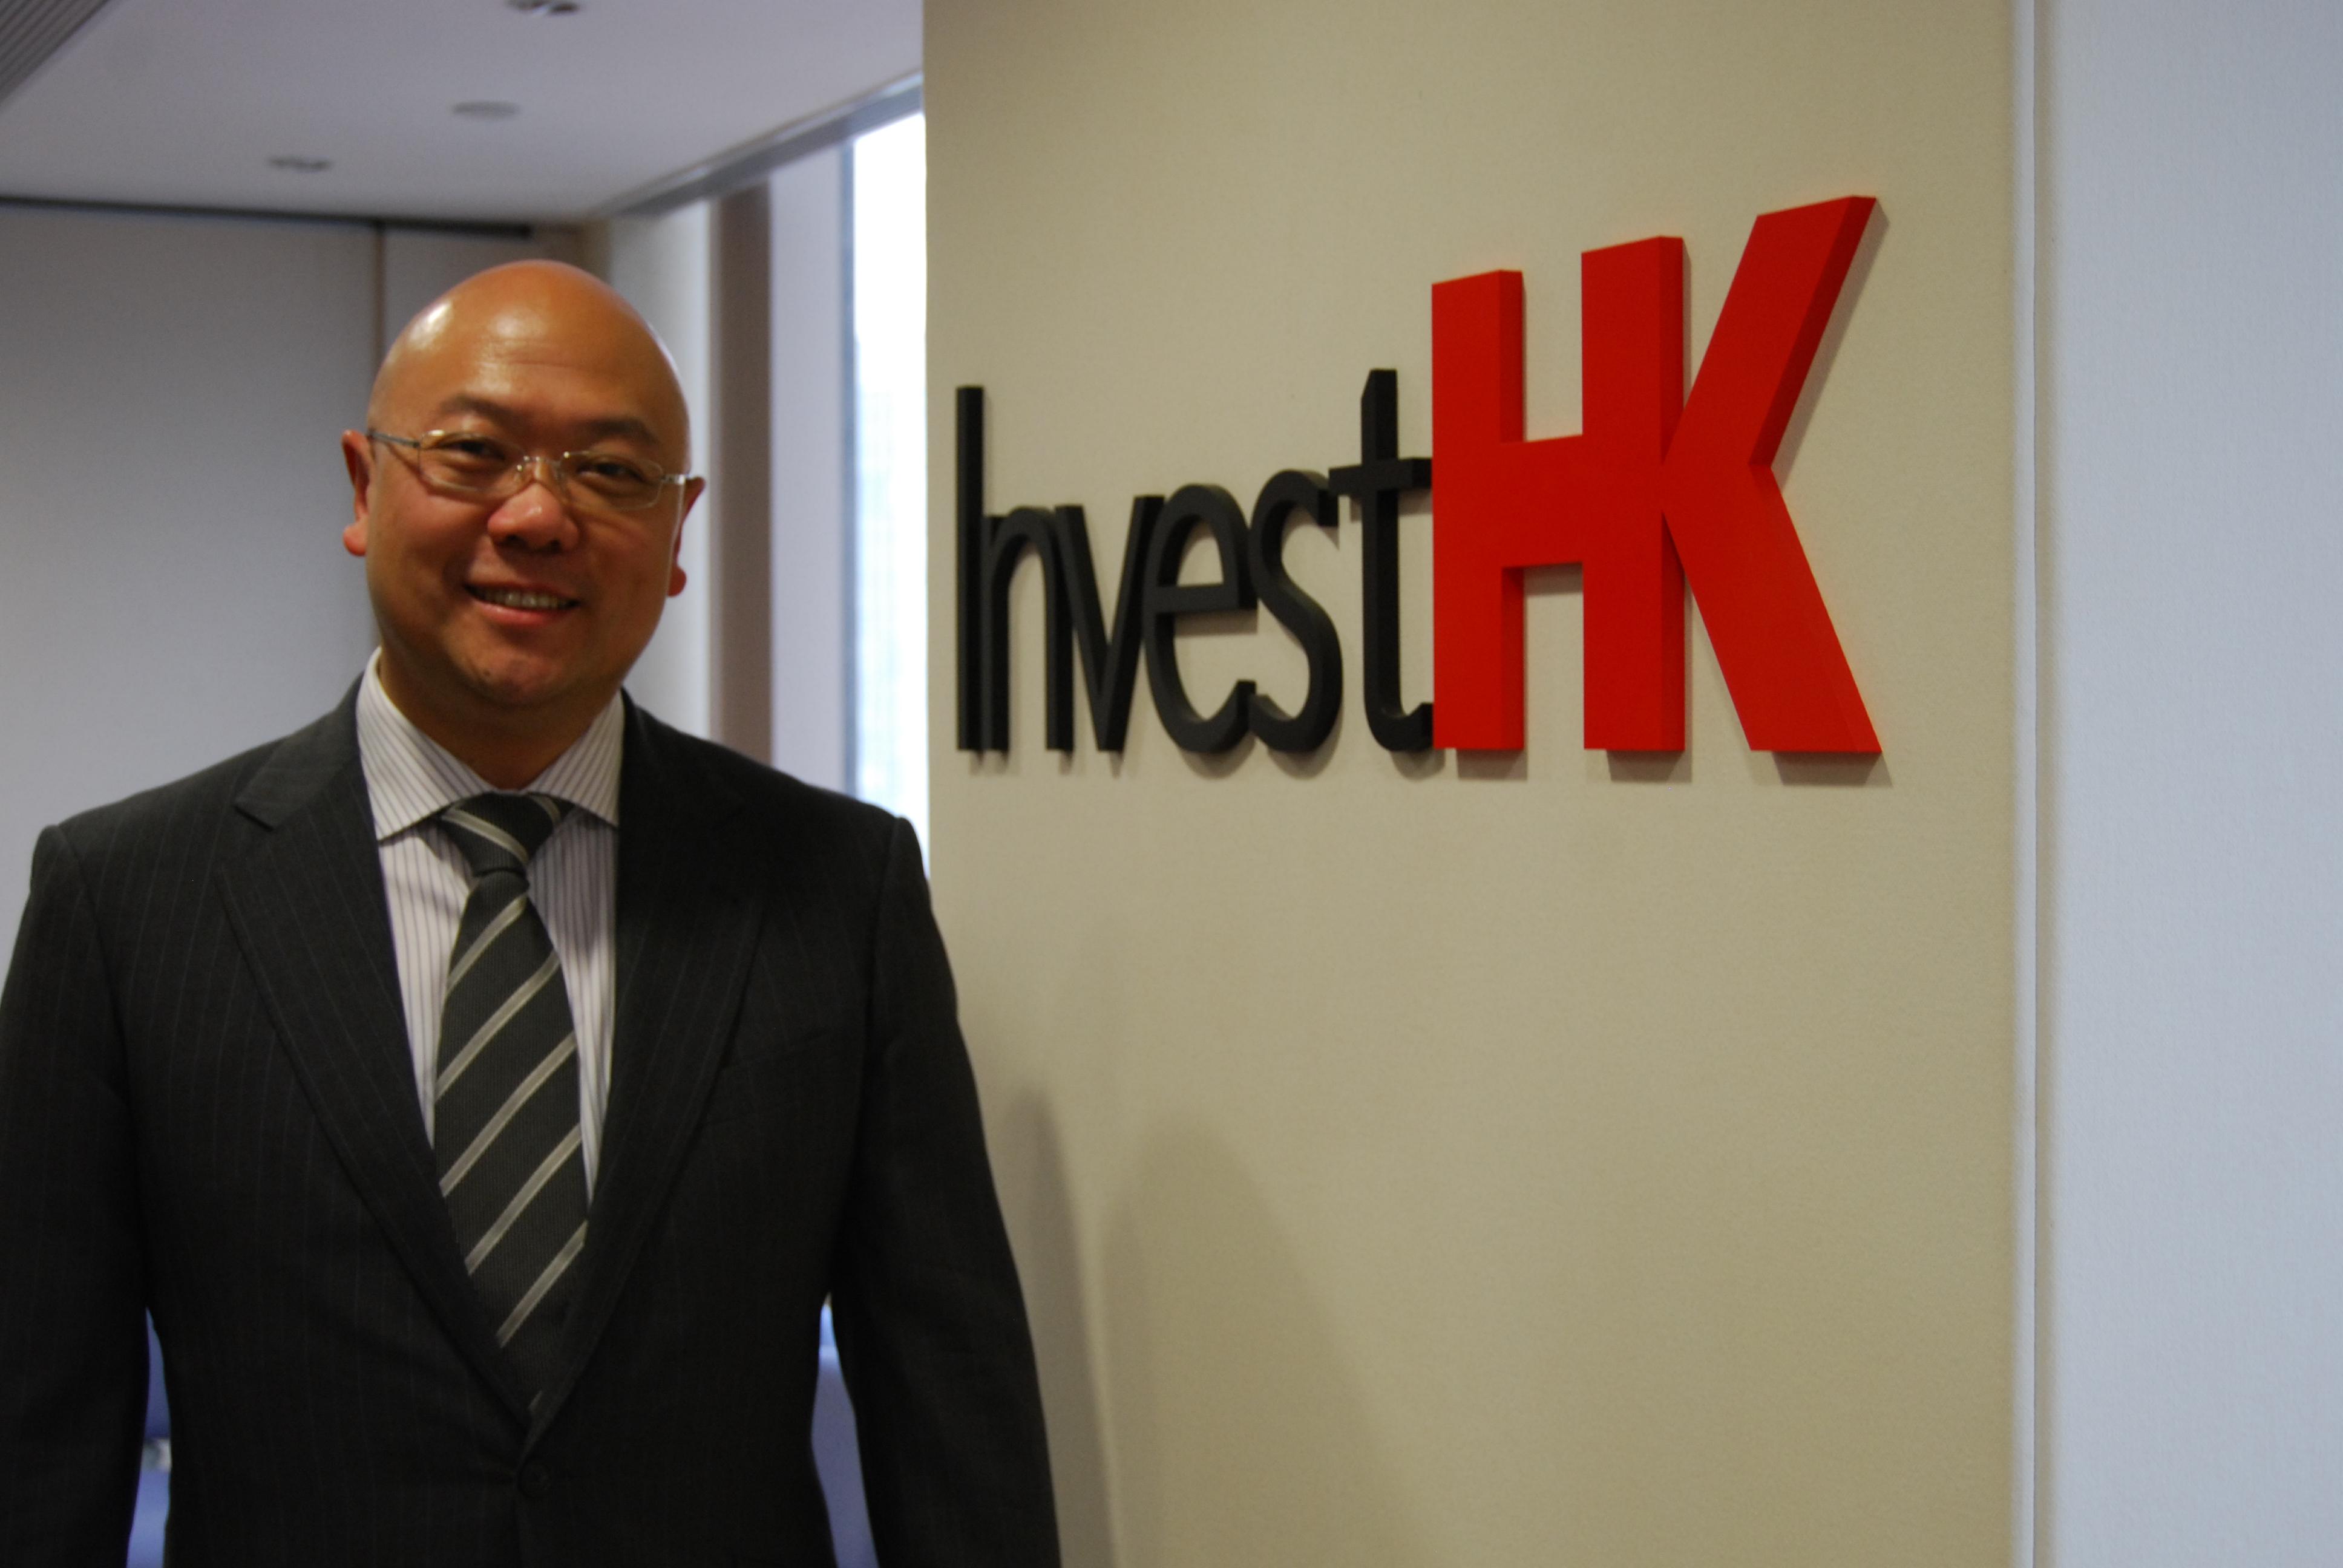 meilleur site de rencontres HK sites de rencontres codes de réduction